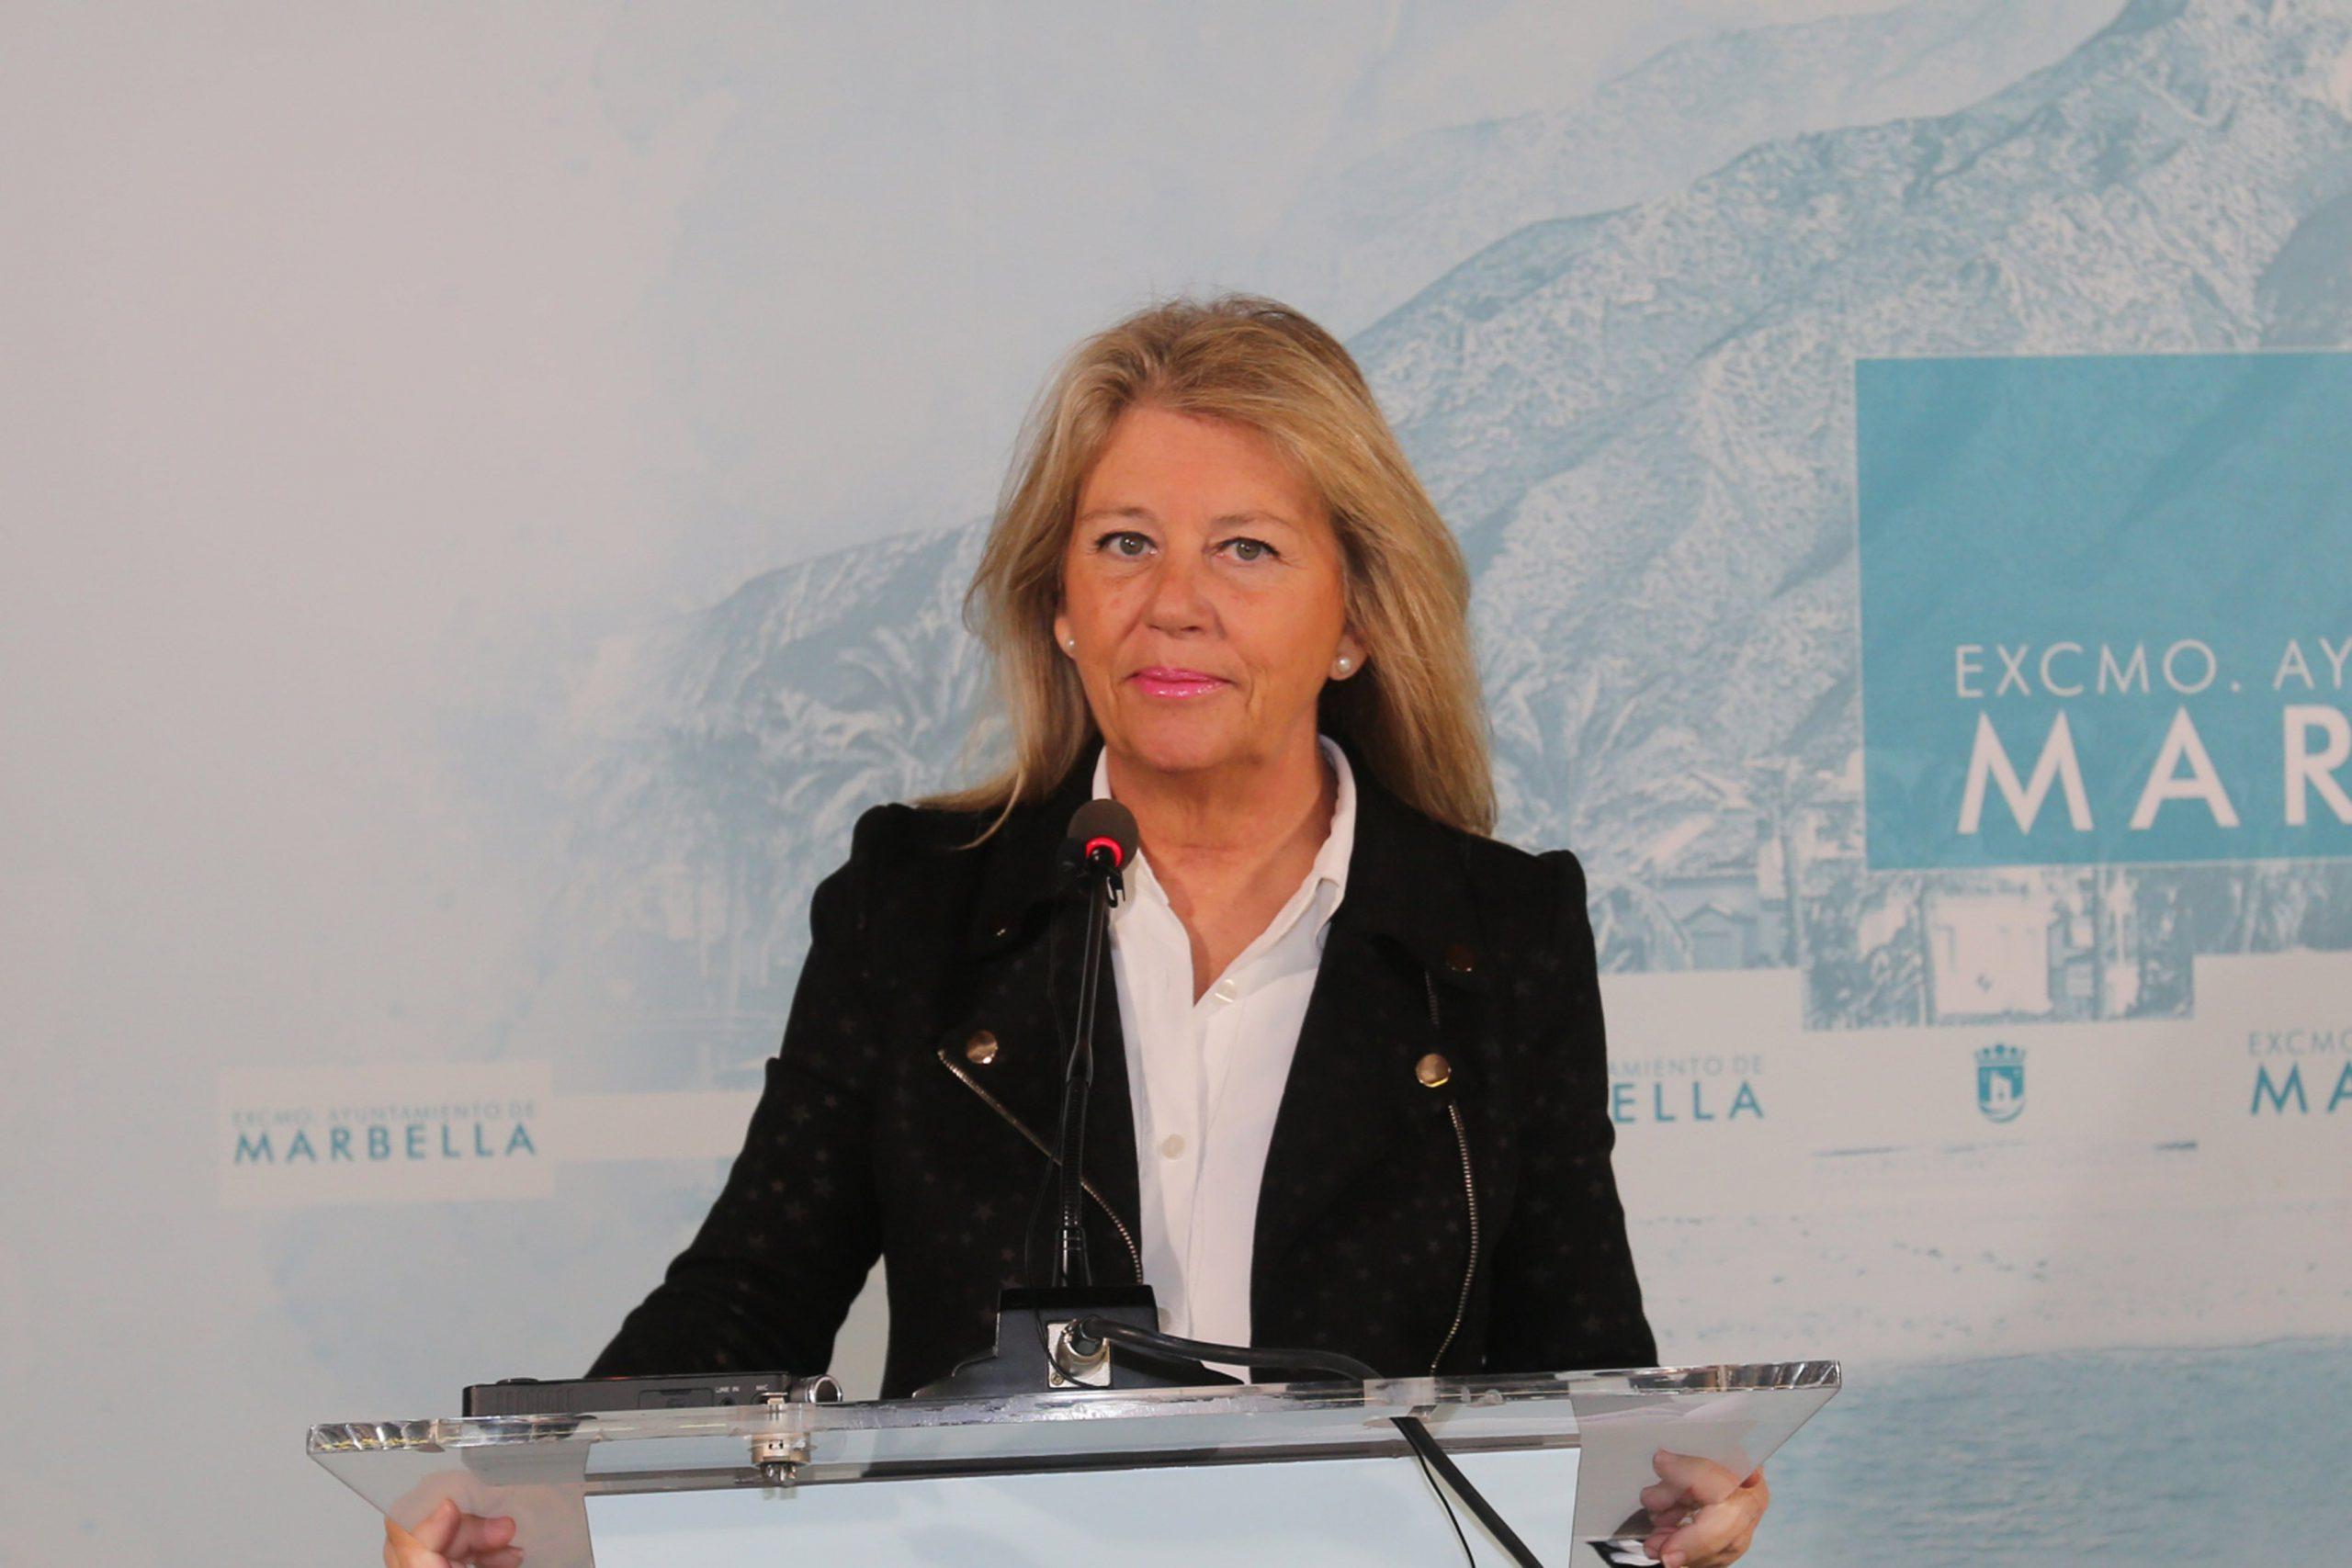 La alcaldesa anuncia un ambicioso plan de reactivación económica con una inversión de 130 millones de euros